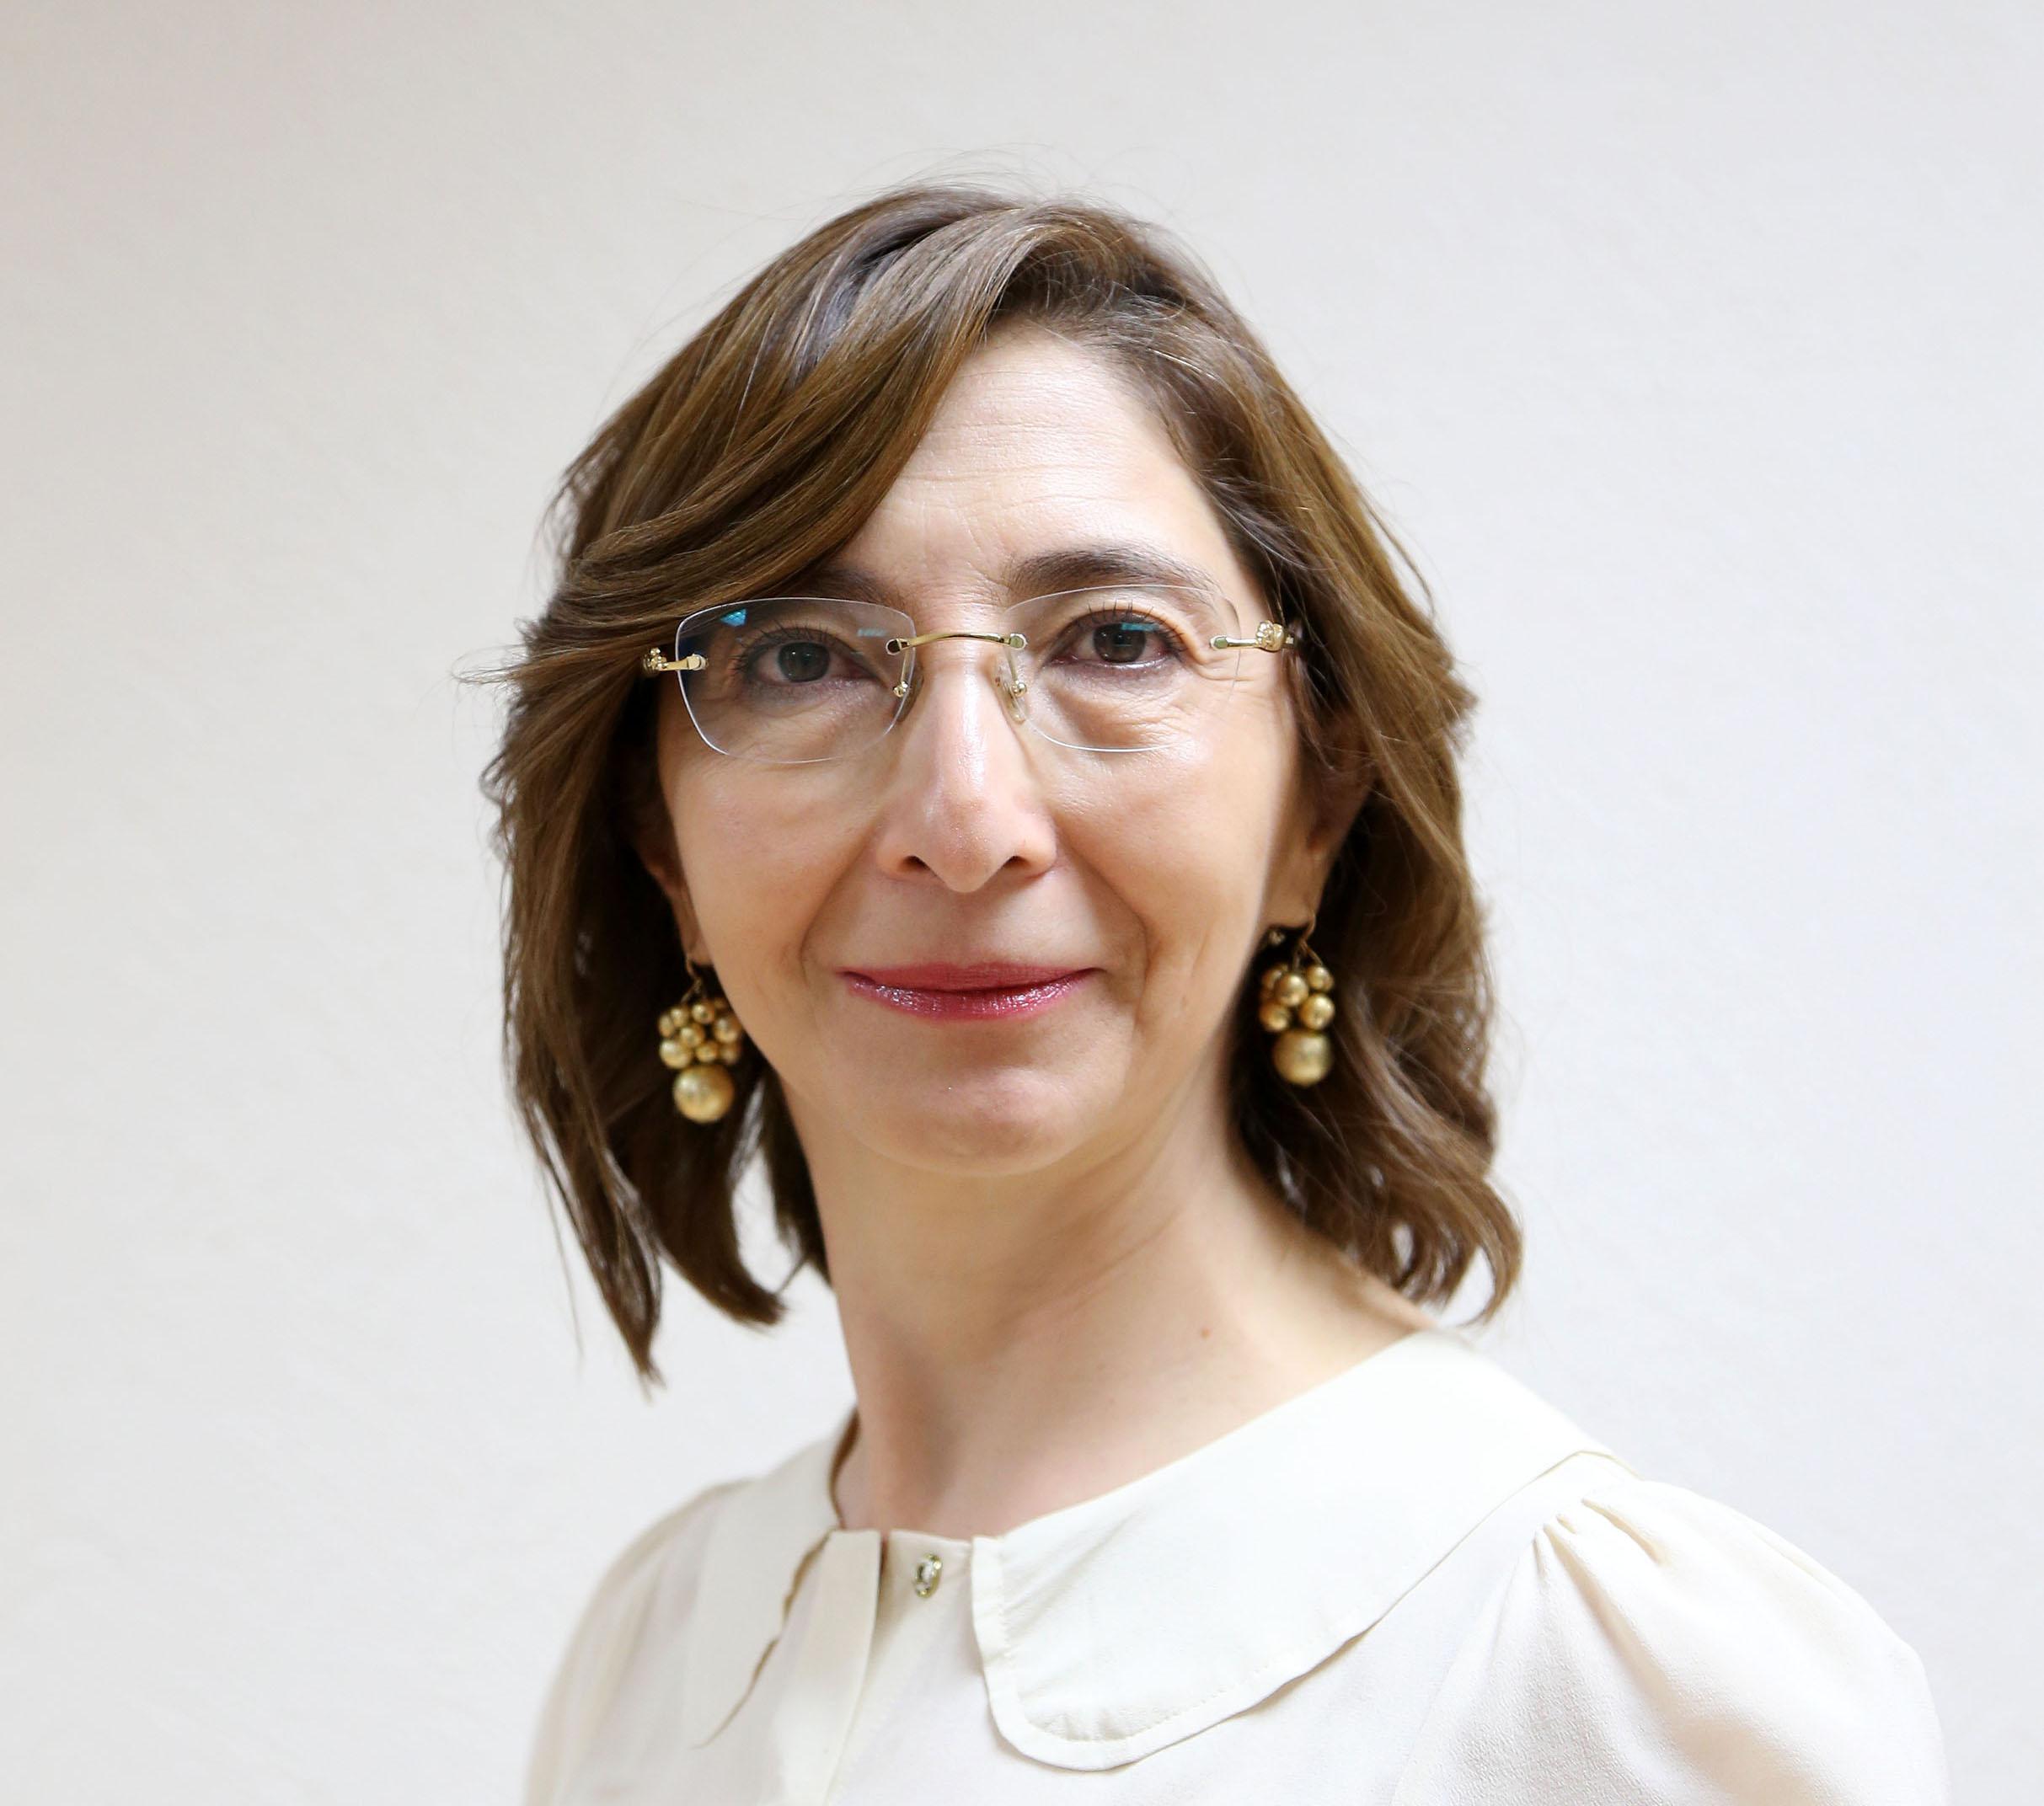 Dr. Mara Nadiezhda Robles Villaseñor nueva rectora del CUAltos